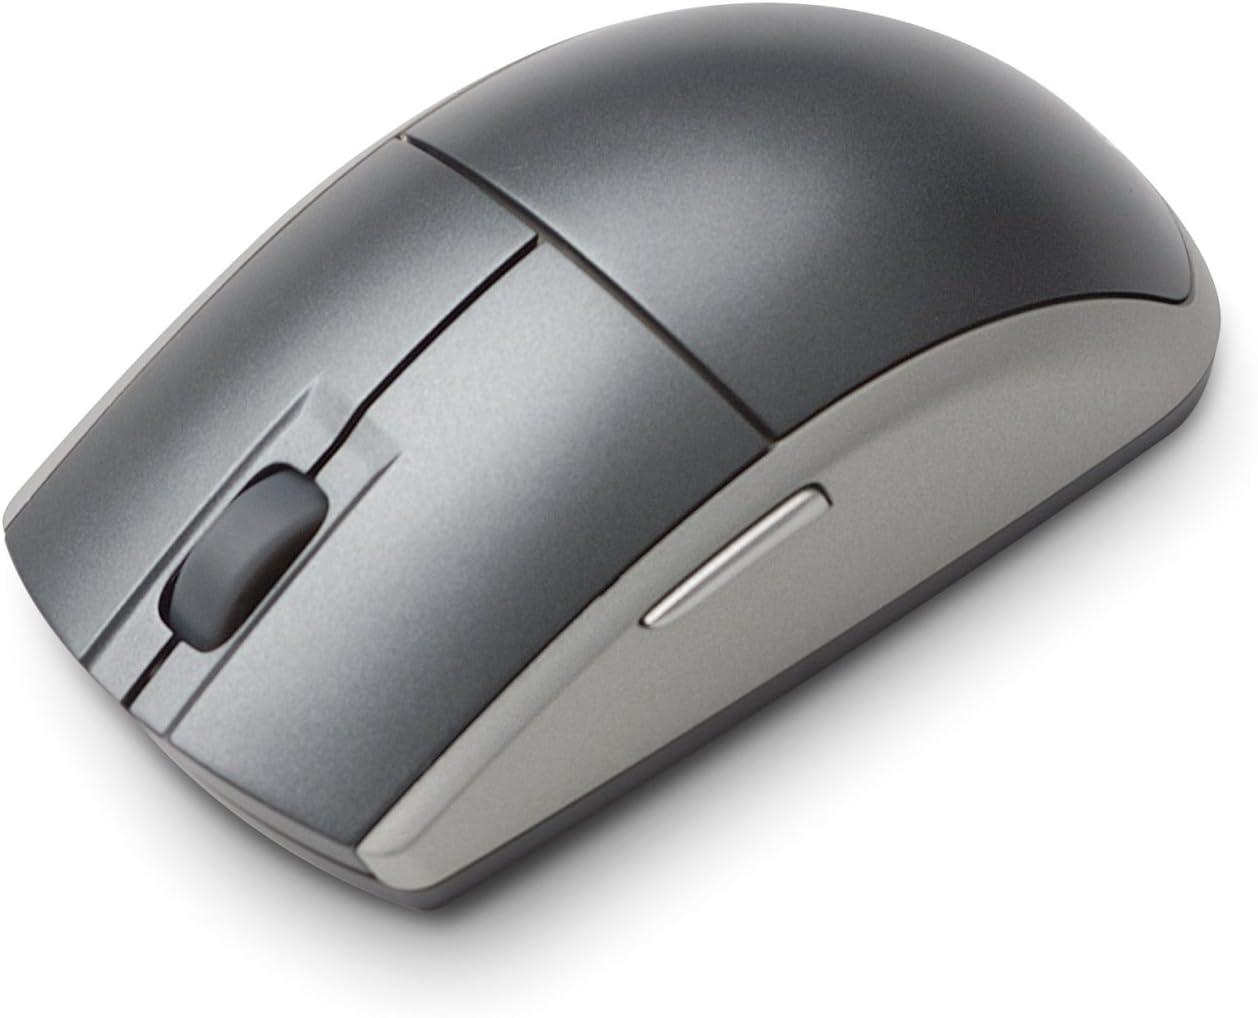 Wacom Intuos3 Five-button Mouse - mouse ( ZC100 )